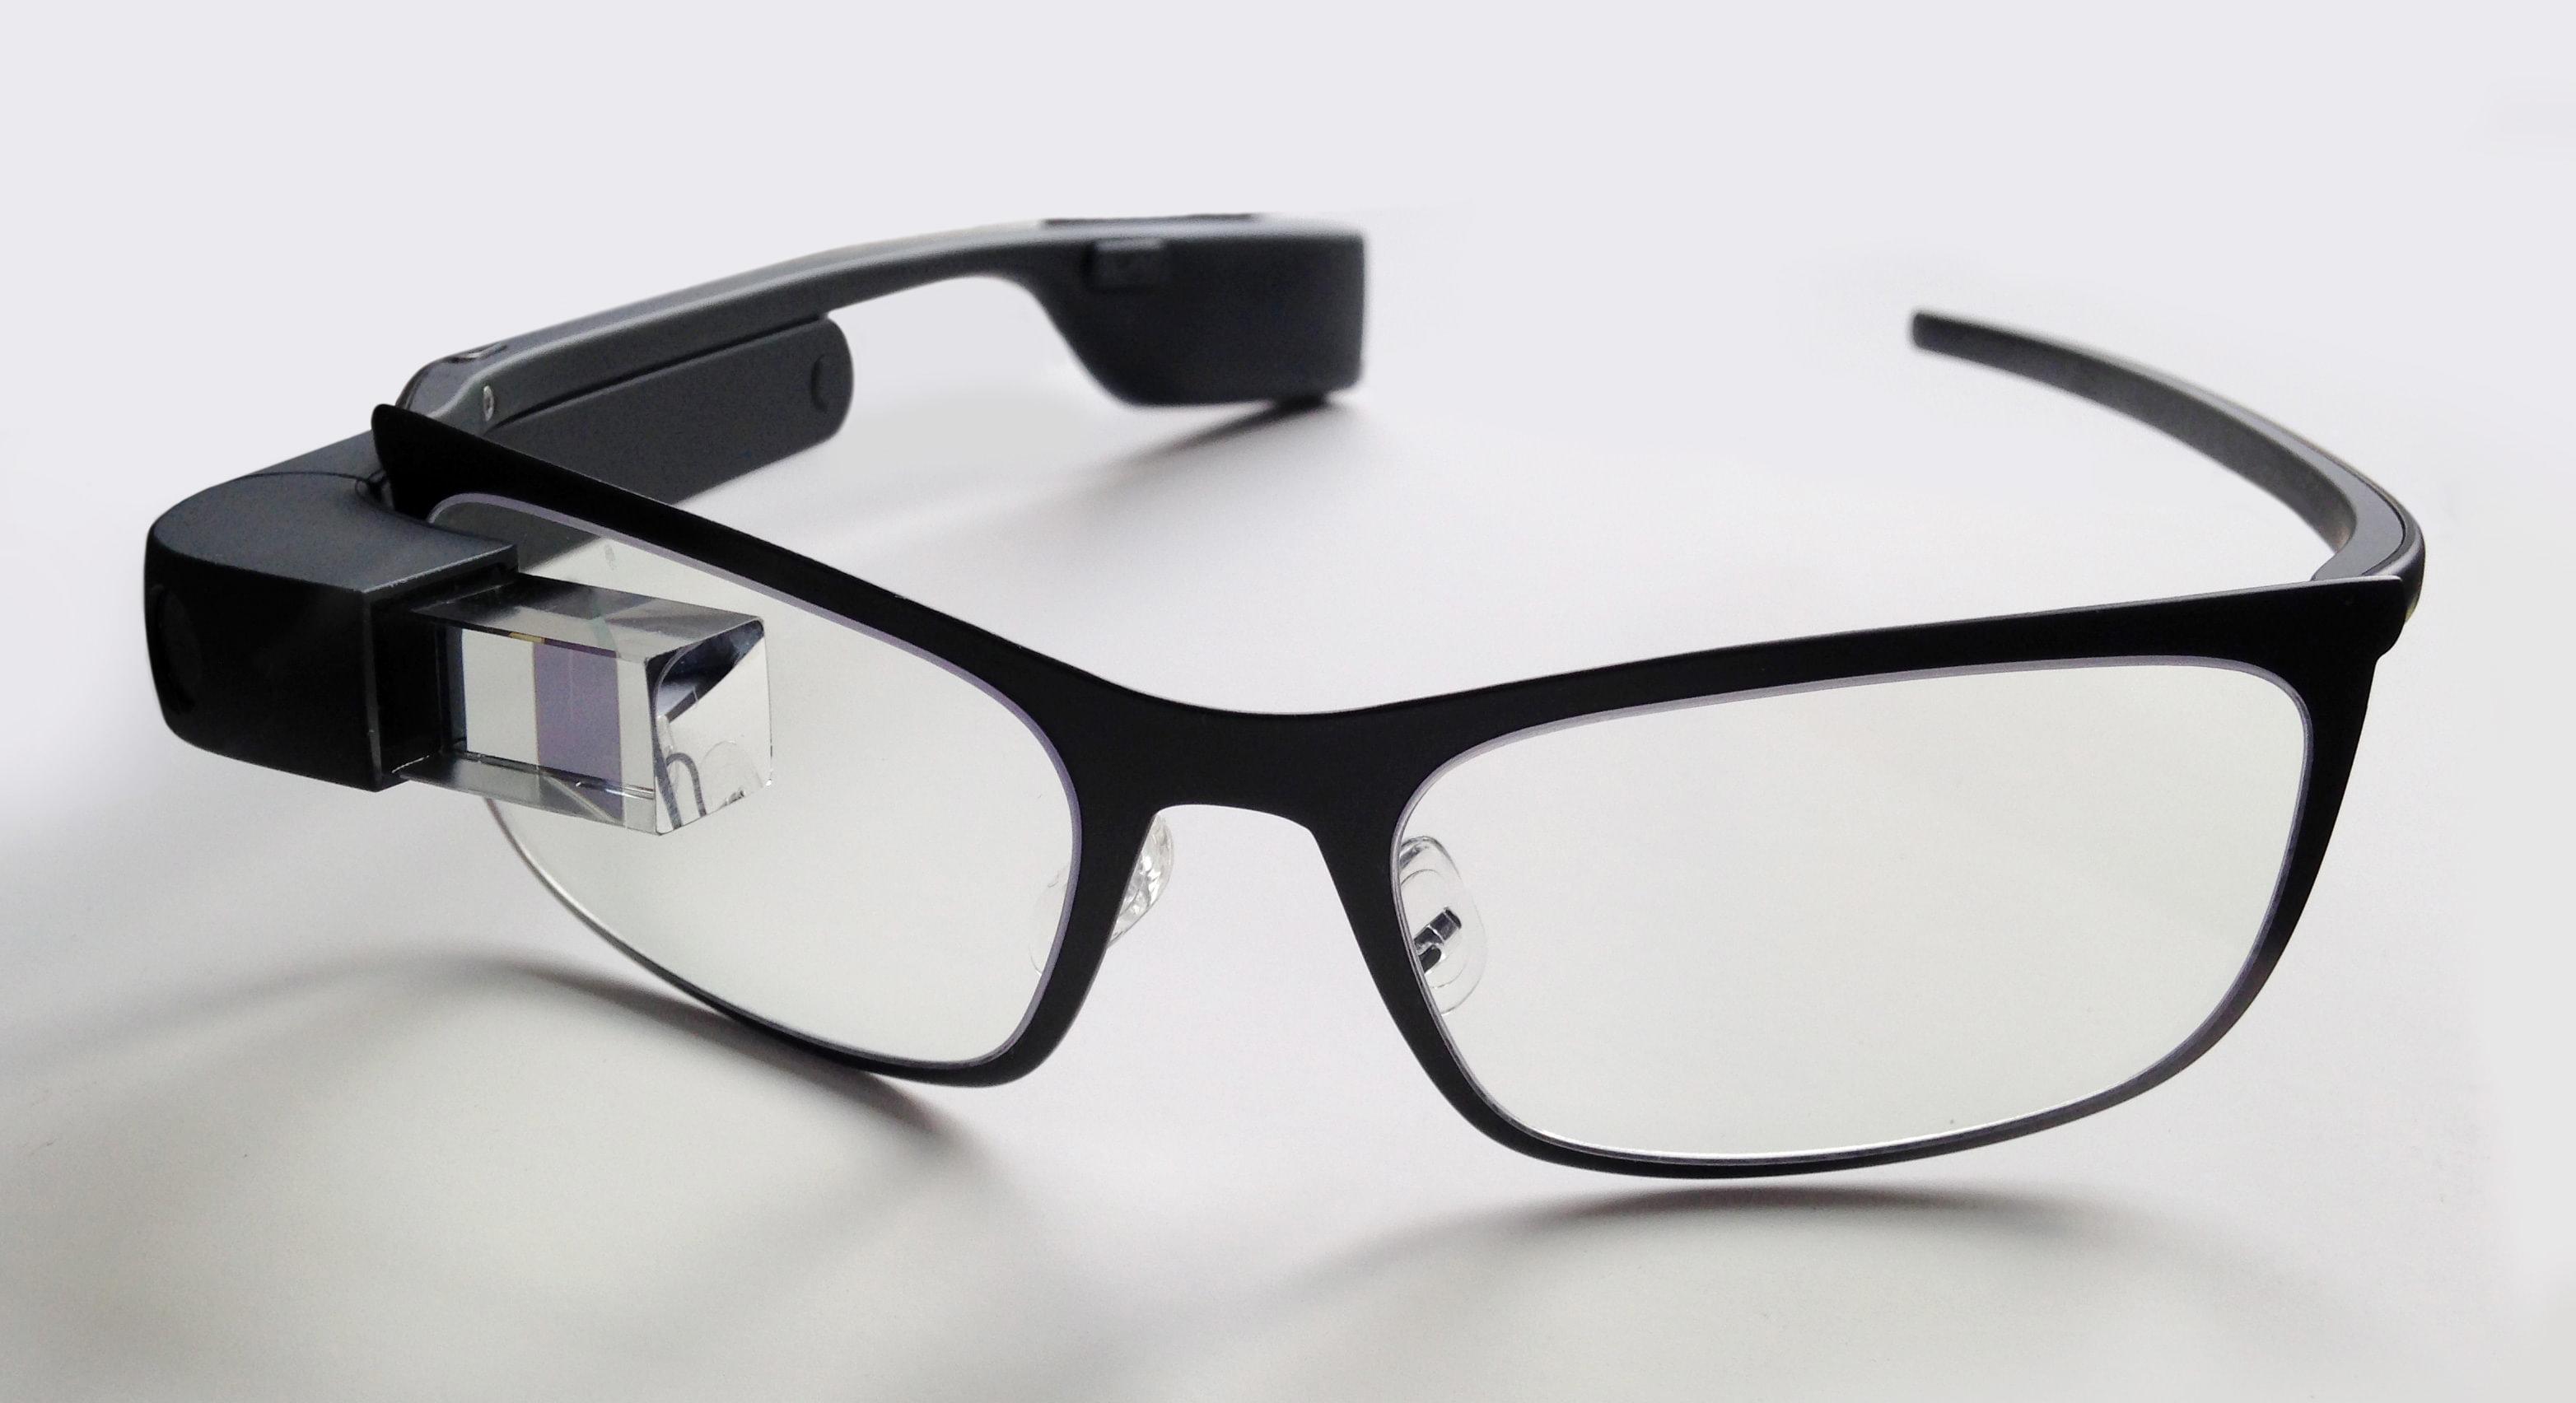 Co wiemy na temat okularów rozszerzonej rzeczywistości od Apple? 22